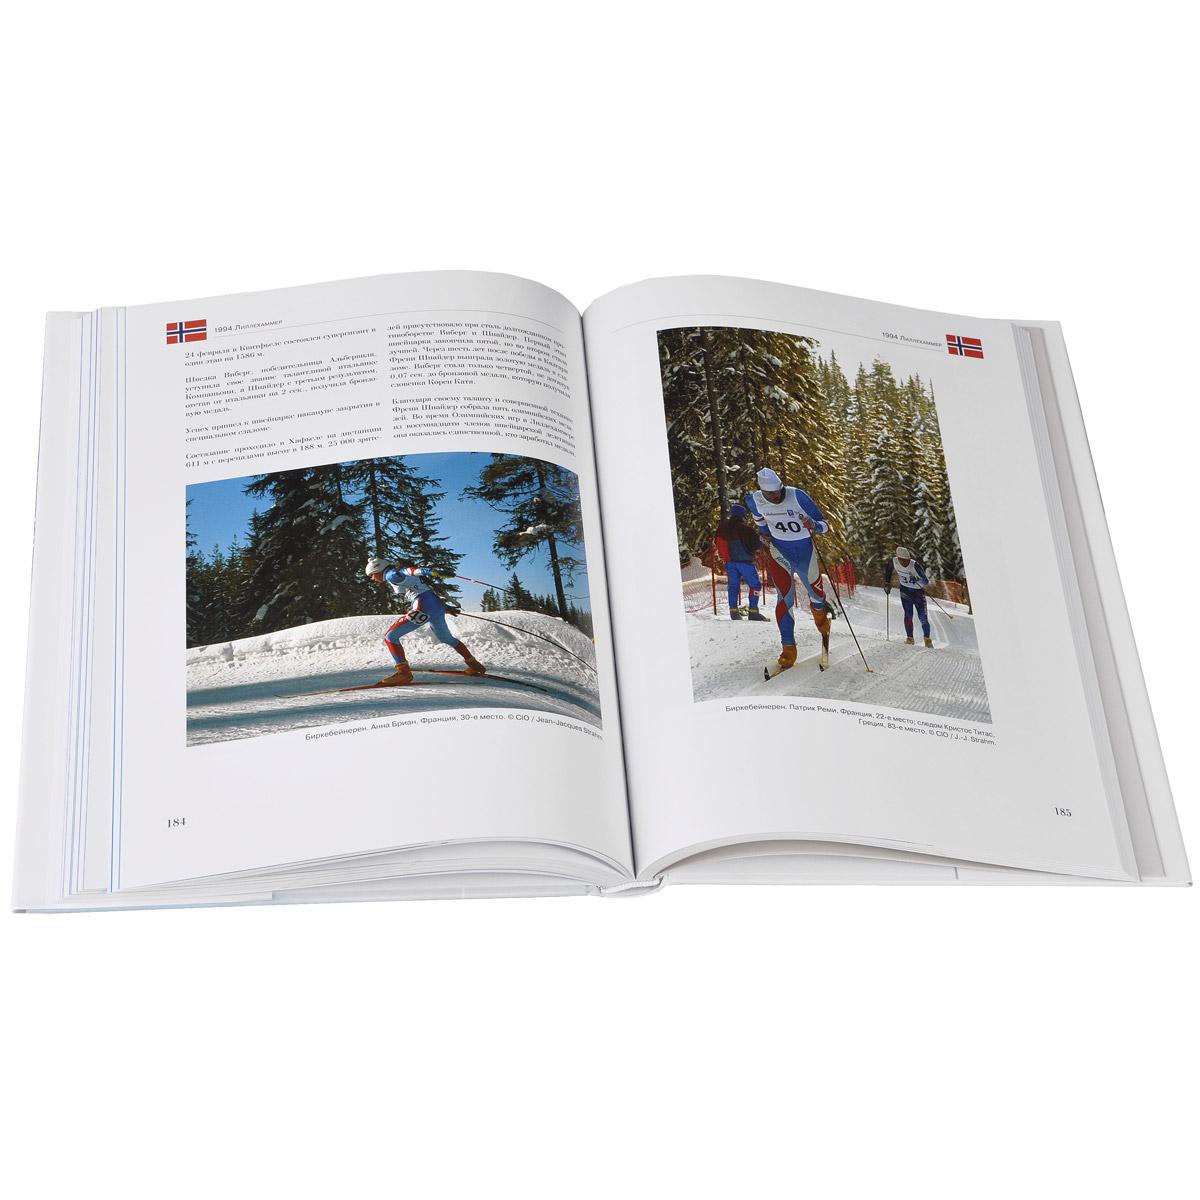 Лучшие маршруты. От Шамони до Сочи. 100 лет зимних Олимпийских игр